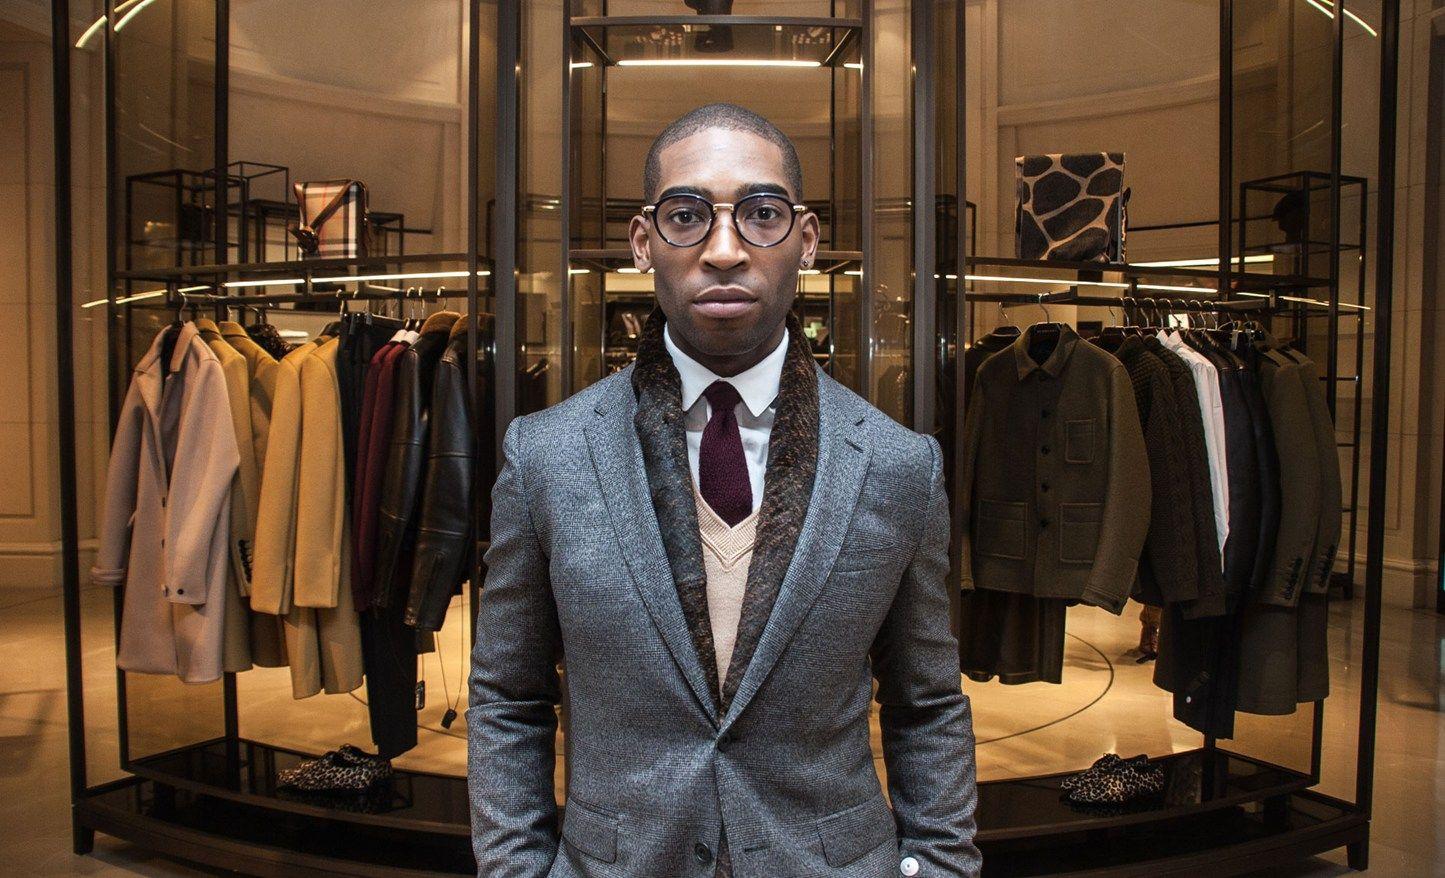 Dapper charcoal suit beige vneck and scarf suitable attire